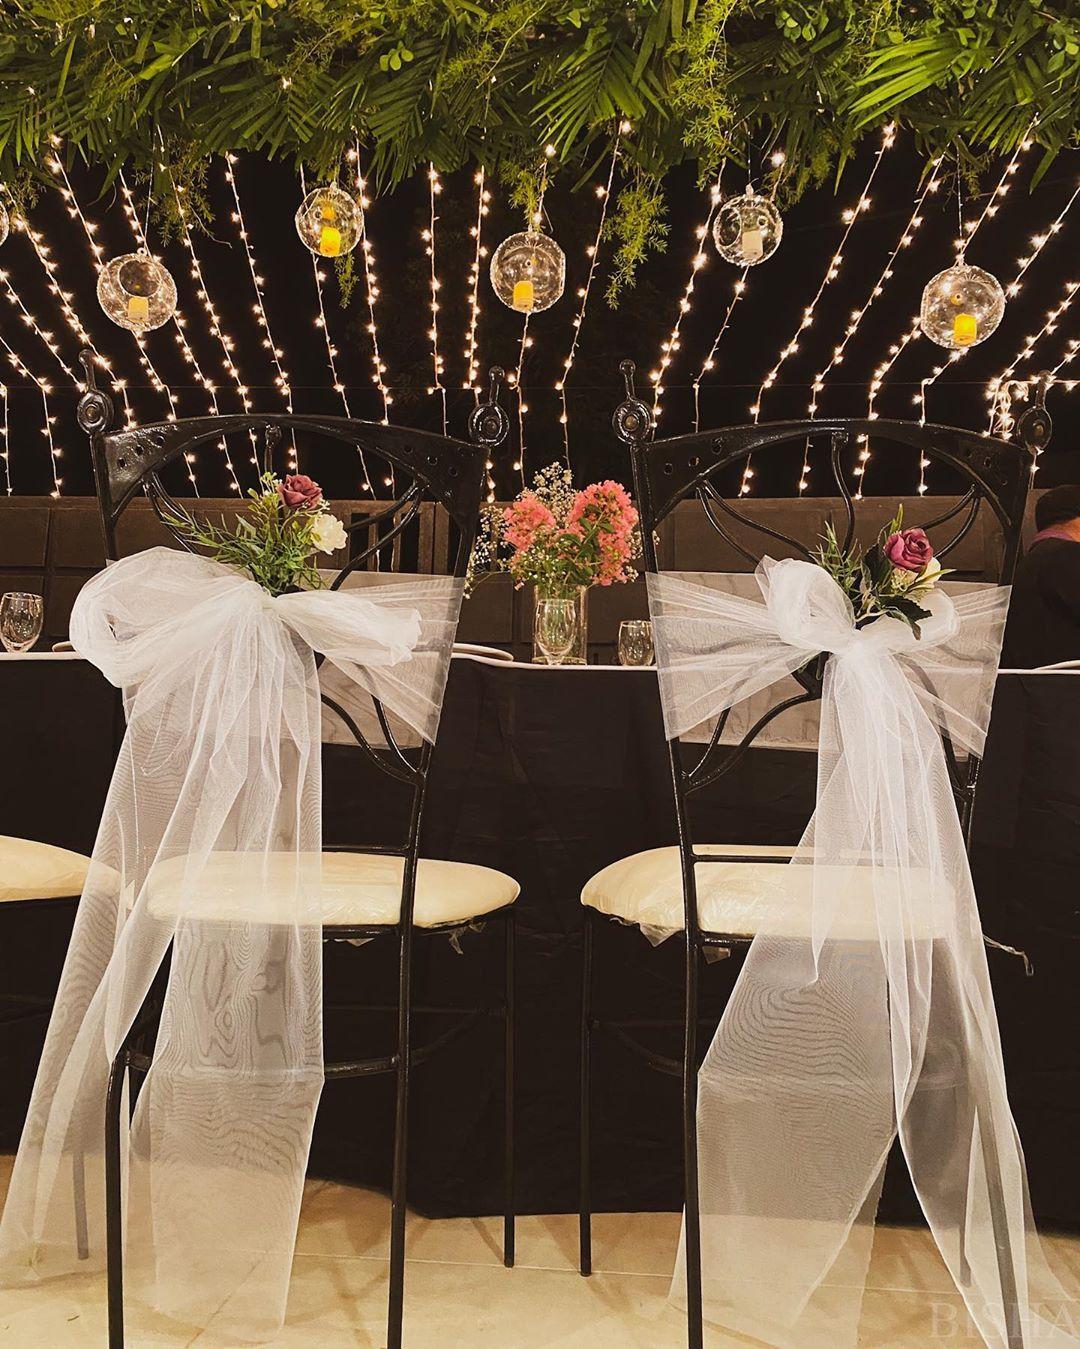 sillas en un banquete